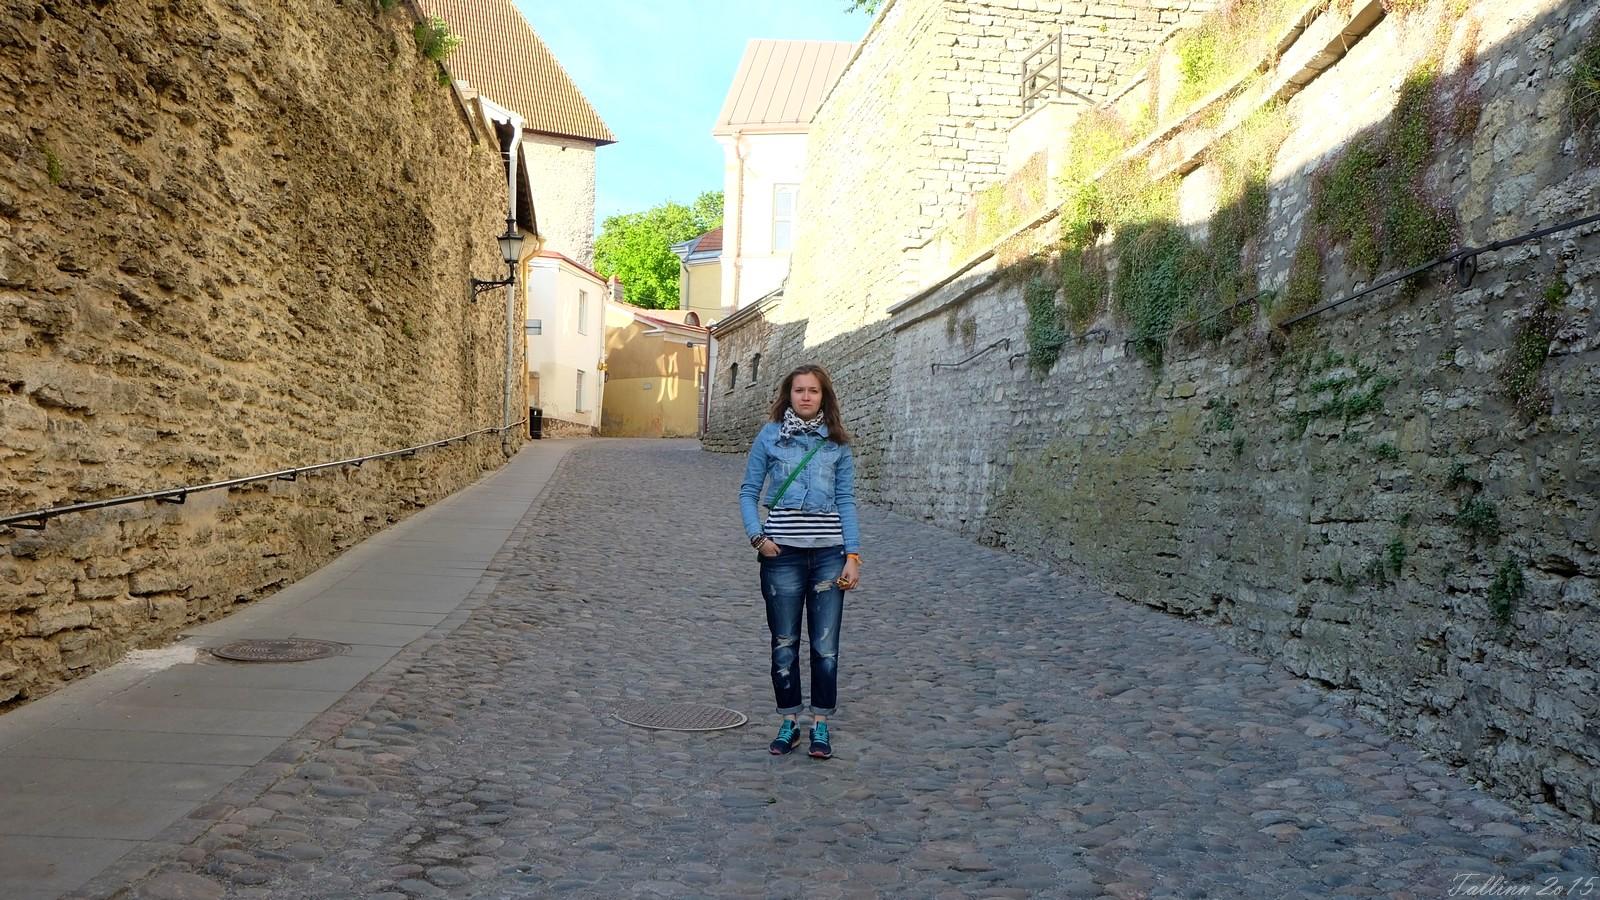 Pikk jalg, Tallinn, Estonia